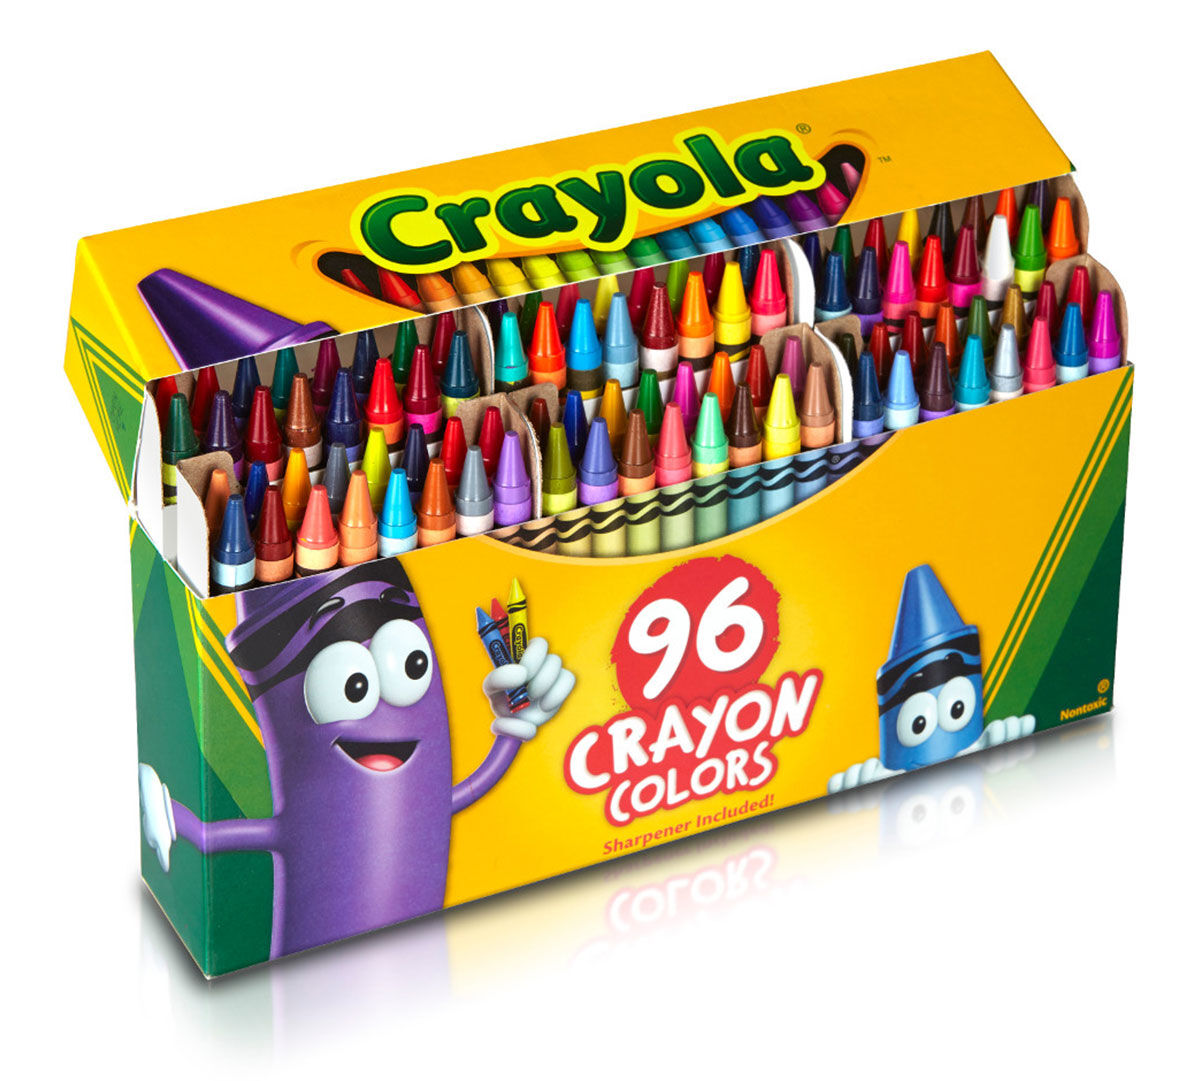 Crayola crayons 96 box